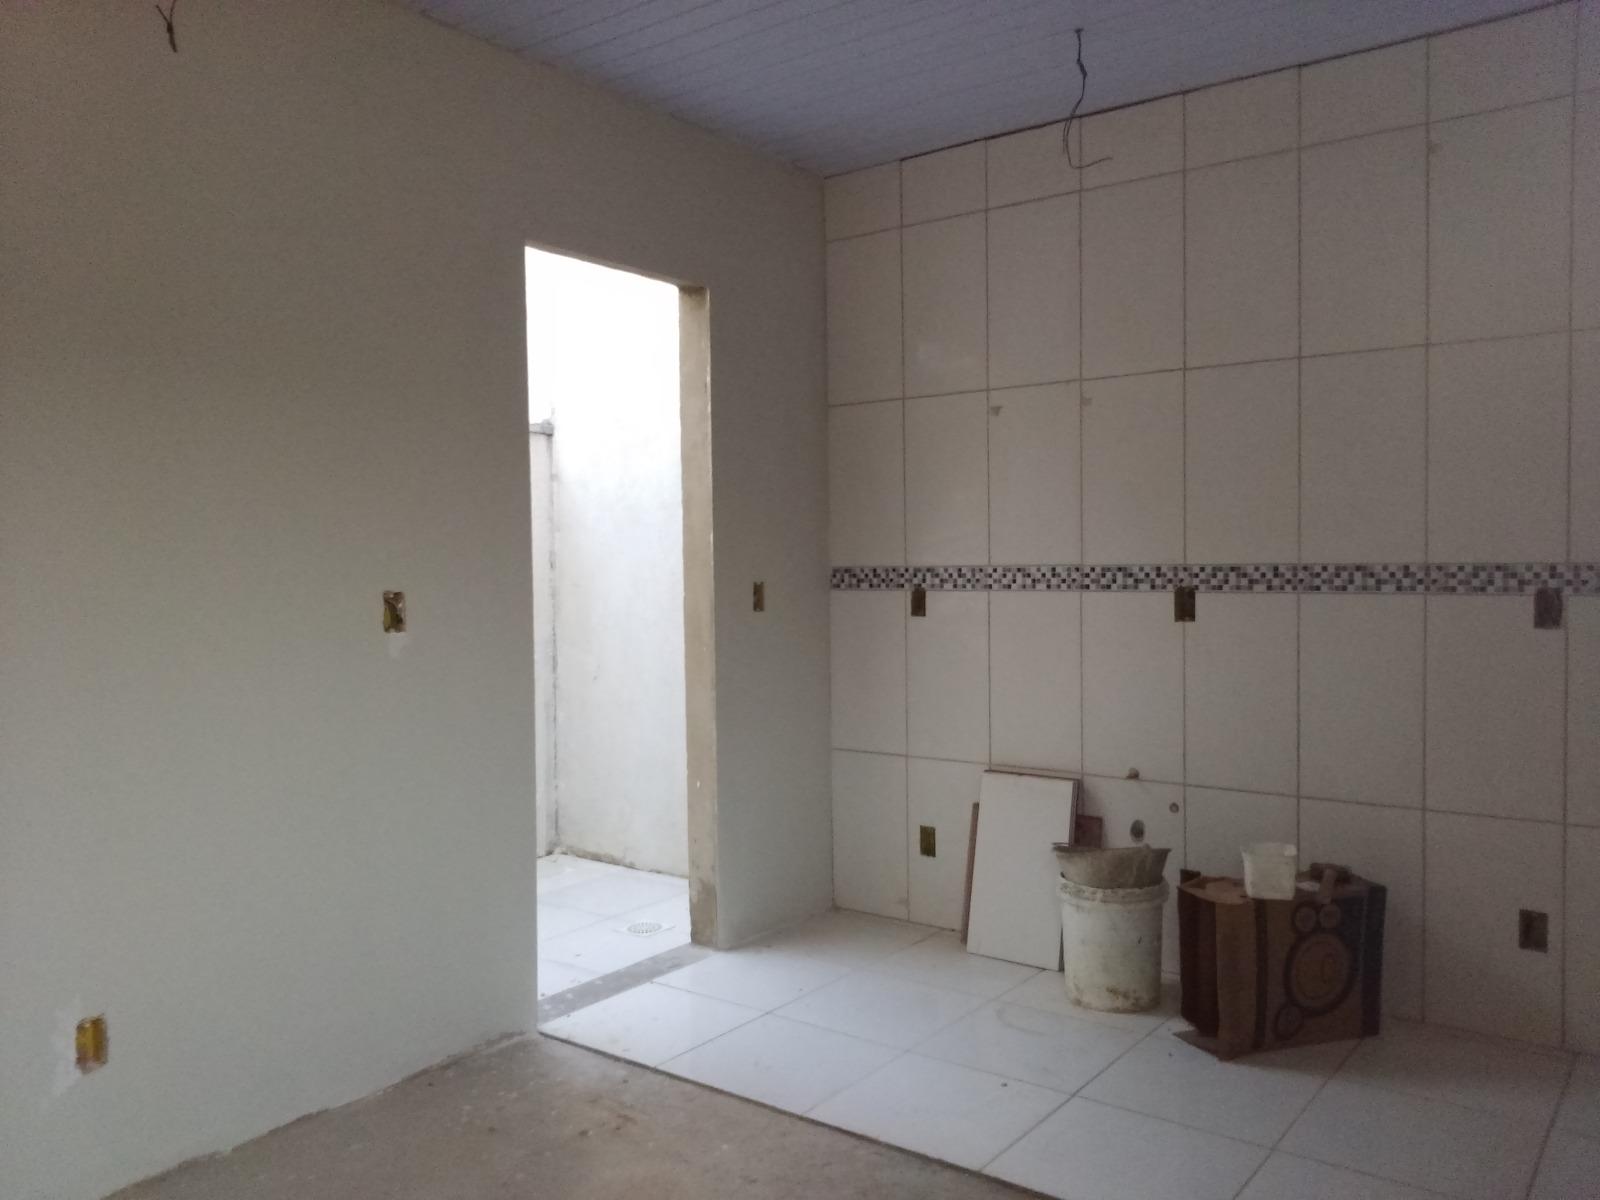 Residencial Lavras - Casa 2 Dorm, Mathias Velho, Canoas (BD2908) - Foto 2